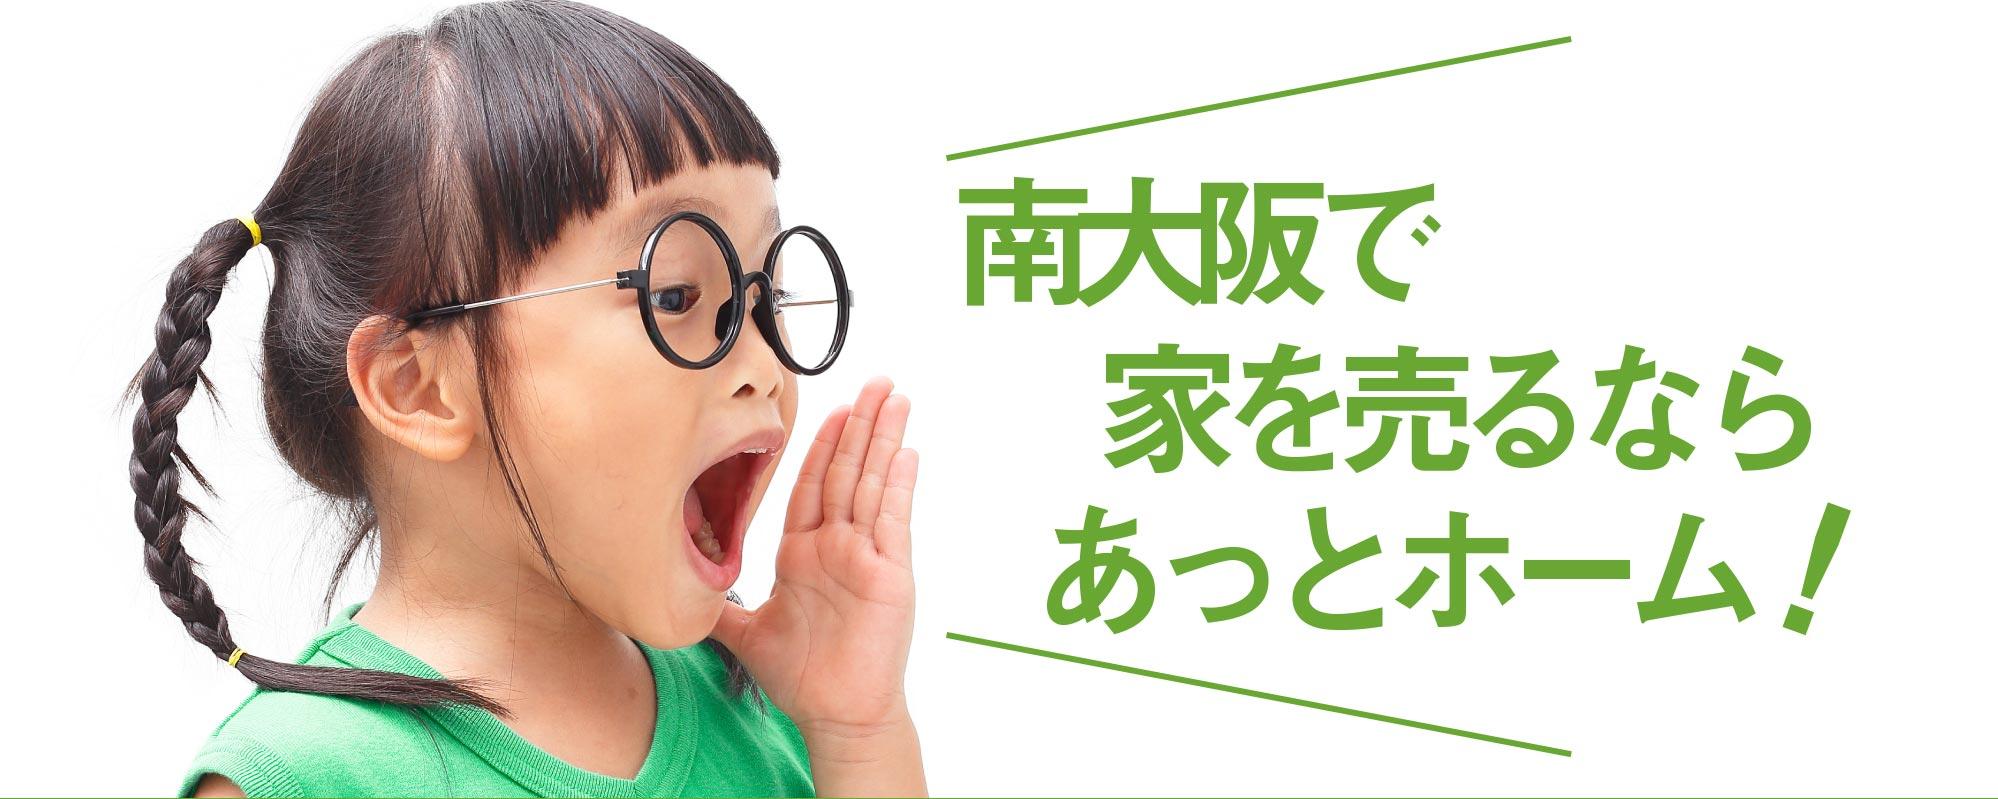 南大阪で家を売るならあっとホーム